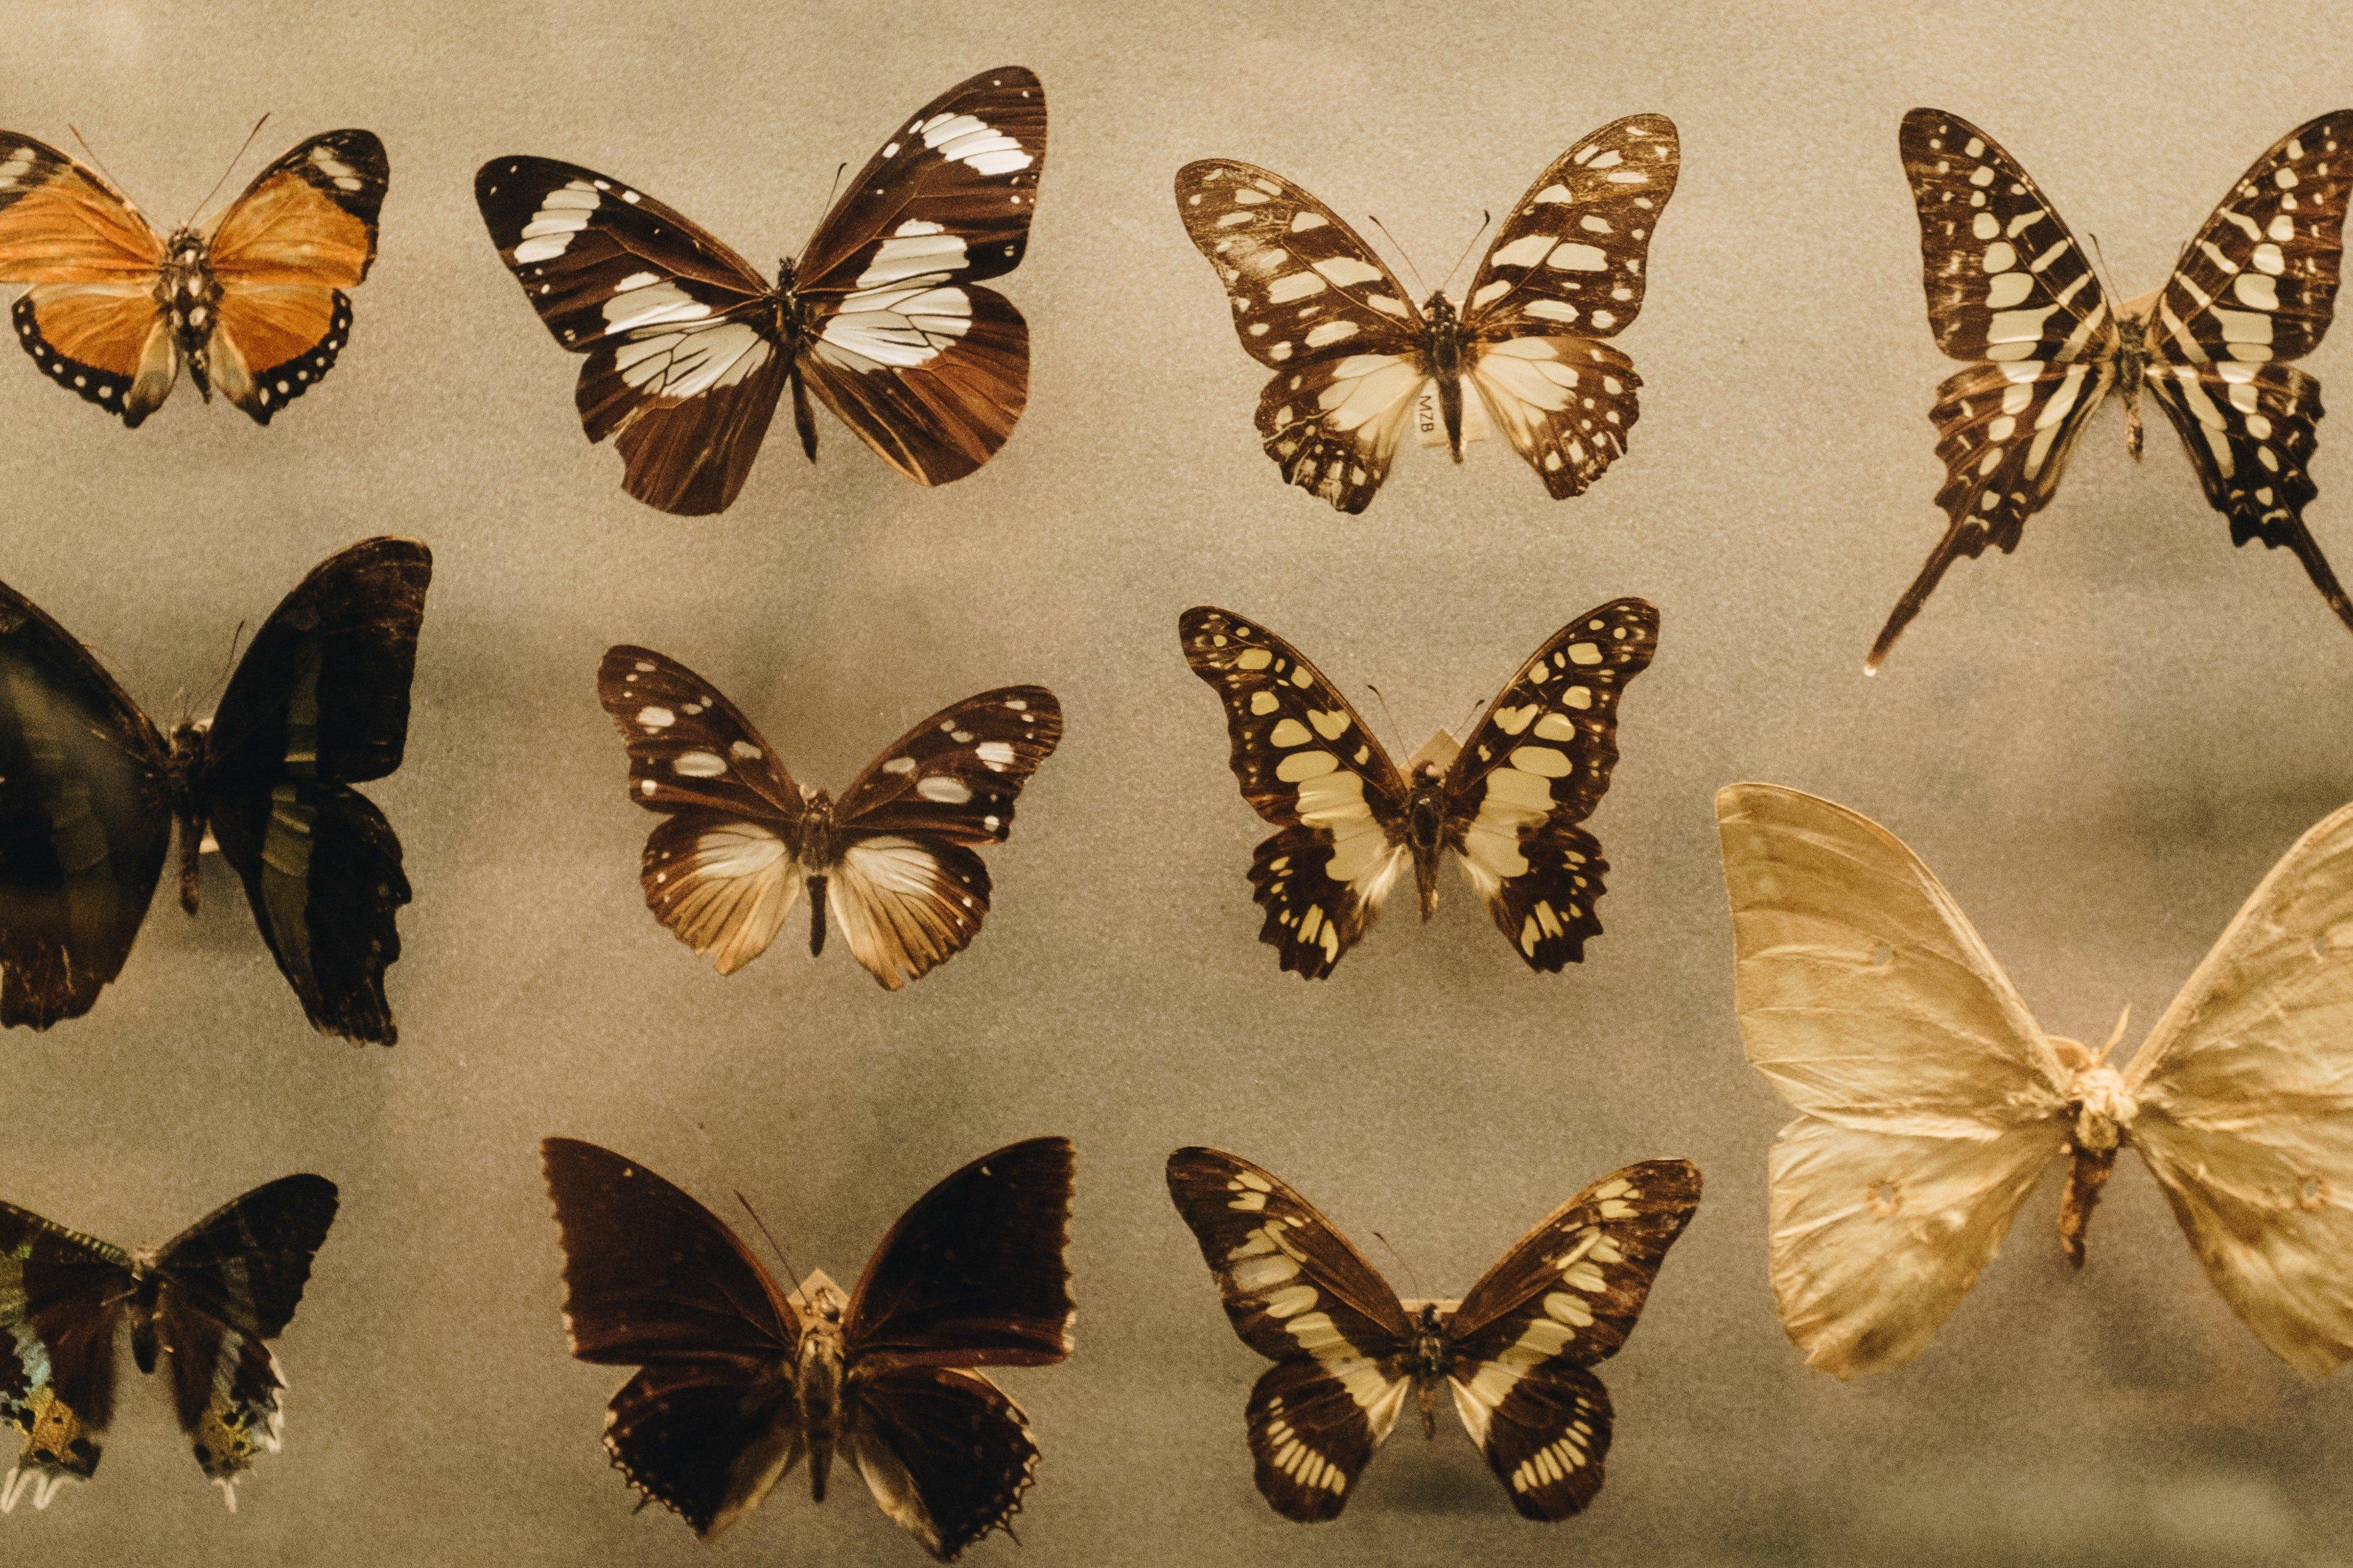 biology-butterflies-collection-1028904.jpg